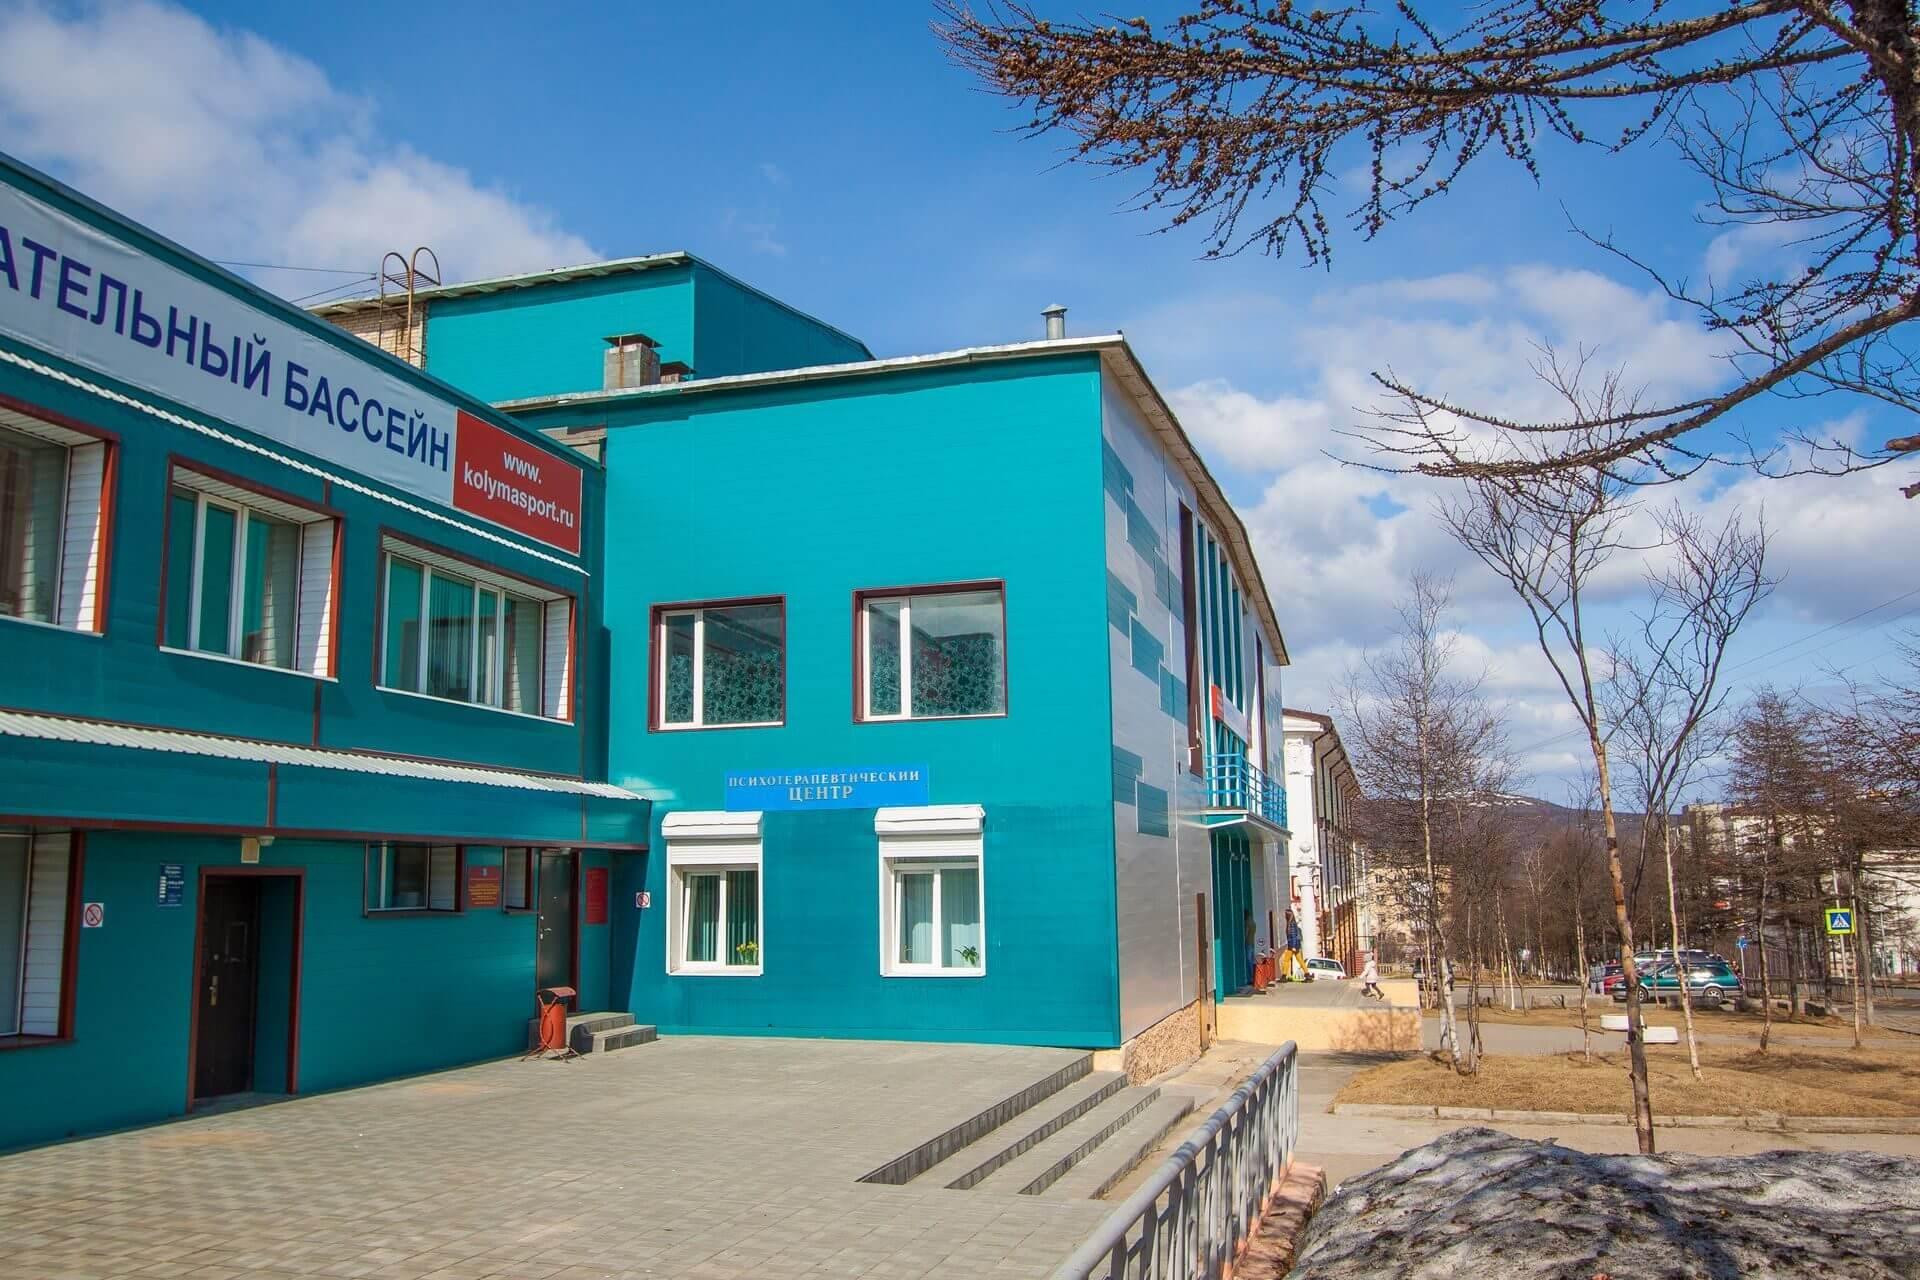 Пятигорск наркологии круглосуточная наркологическая клиника москва